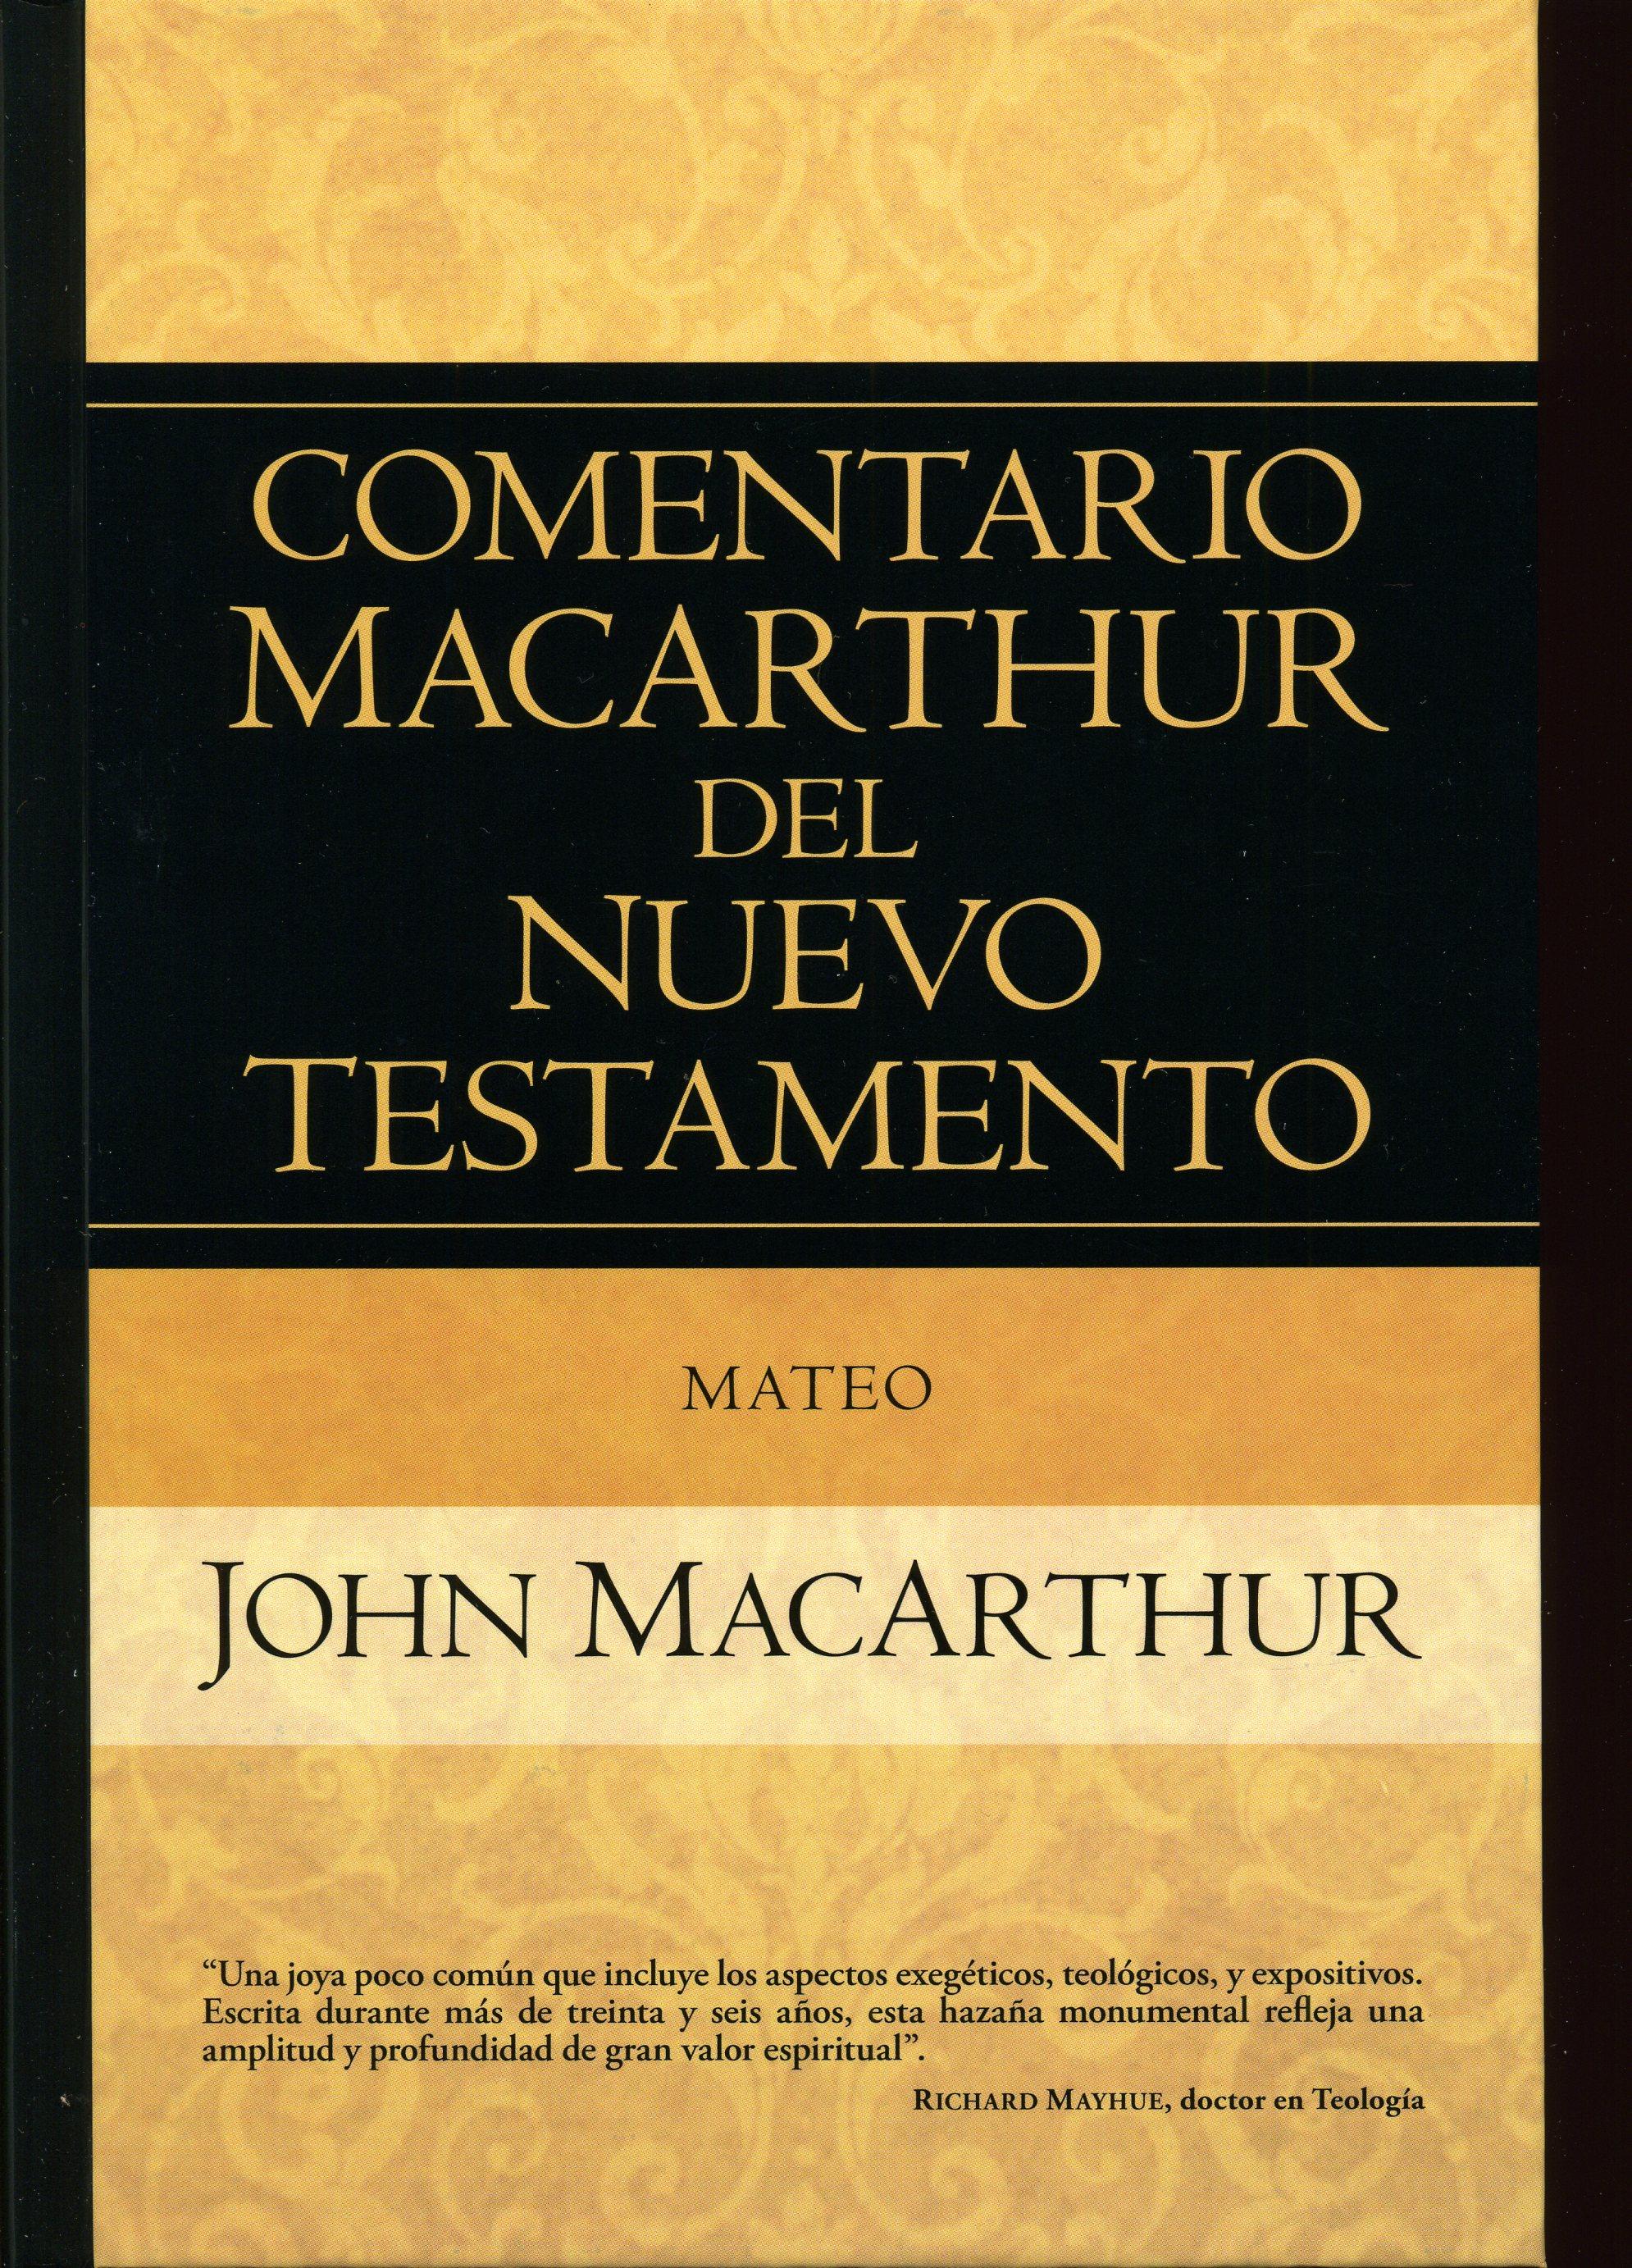 el manual bíblico macarthur pdf